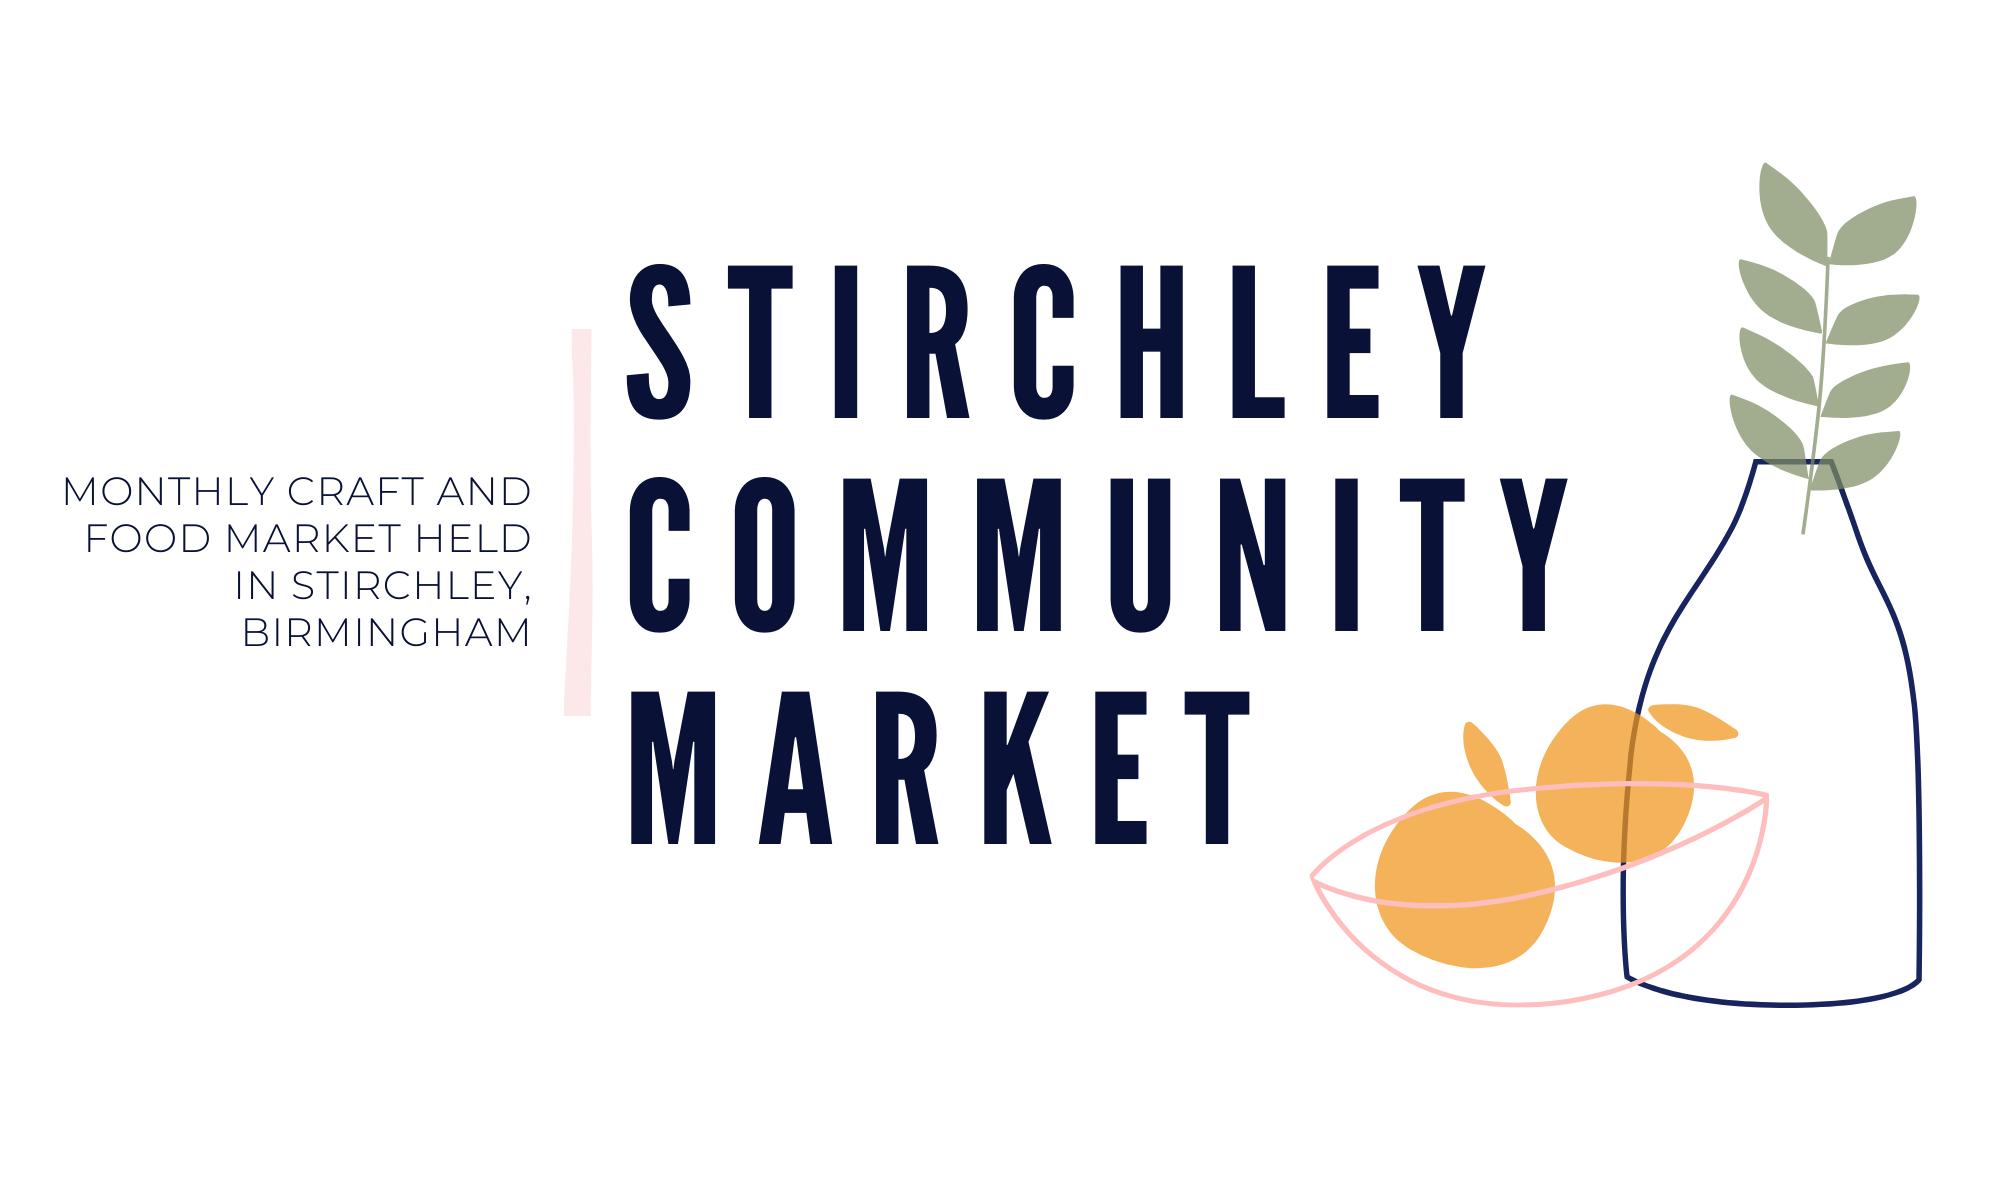 Stirchley Community Market